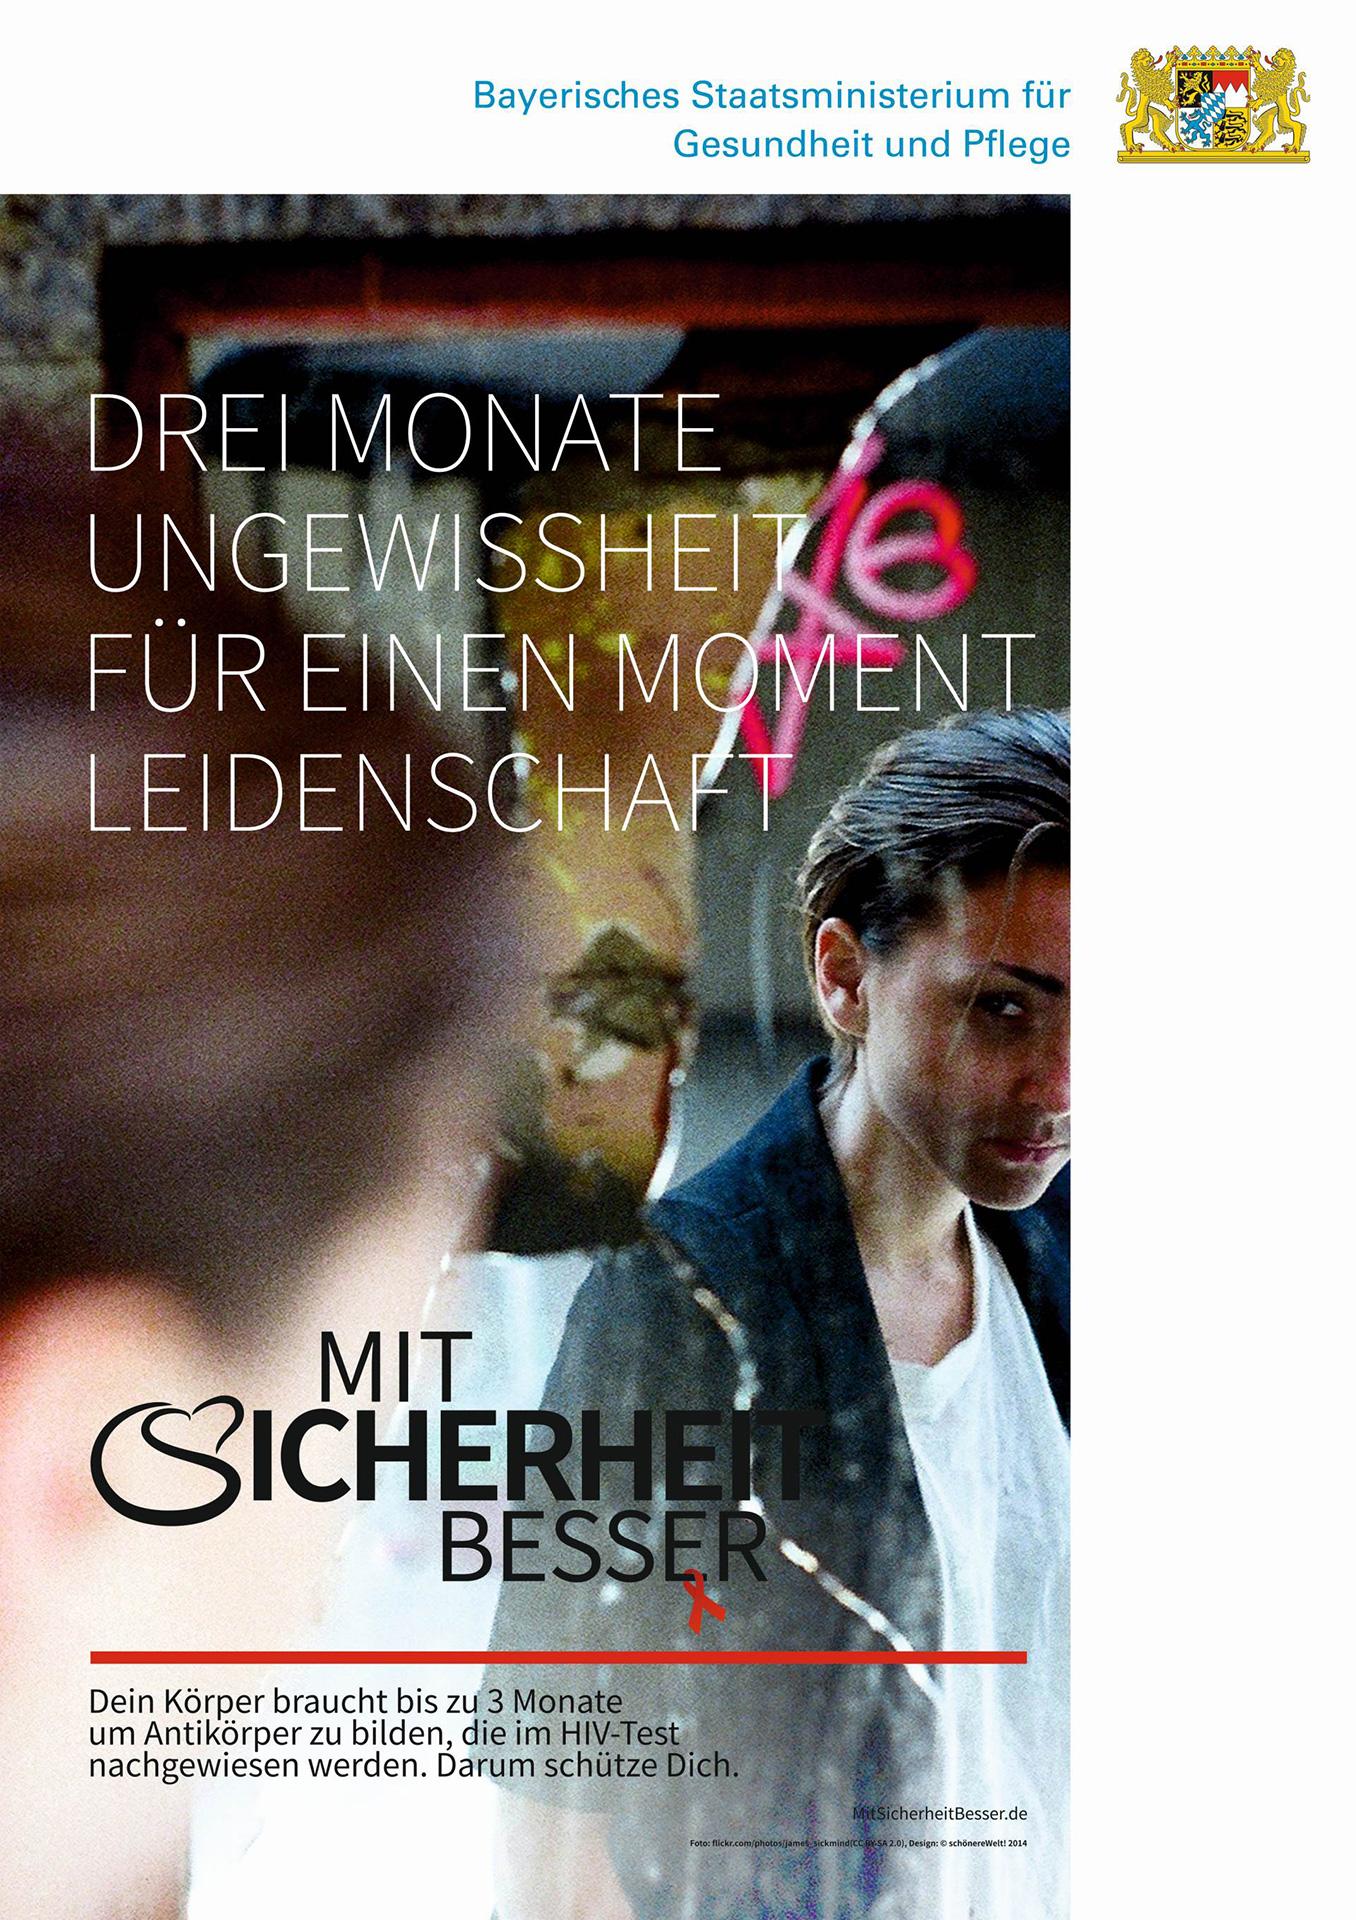 Mit-Sicherheit-Besser-A3-Poster-Frau-Spiegel-1356x1920px